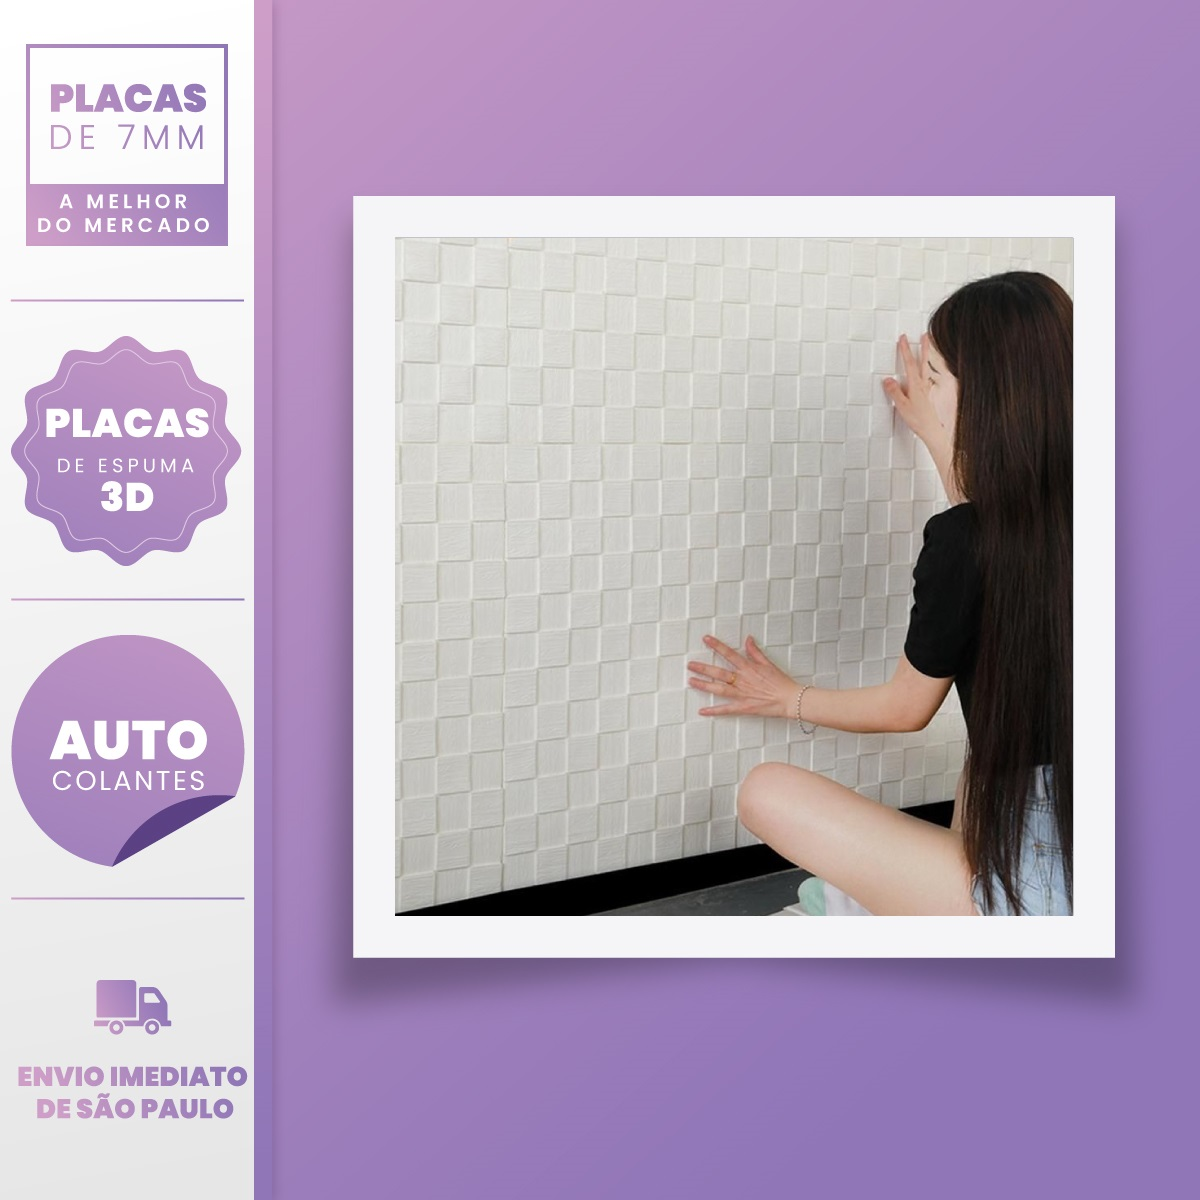 PLACA 3D ESPUMA MOSAICO MADEIRA BRANCO 70X70 7MM